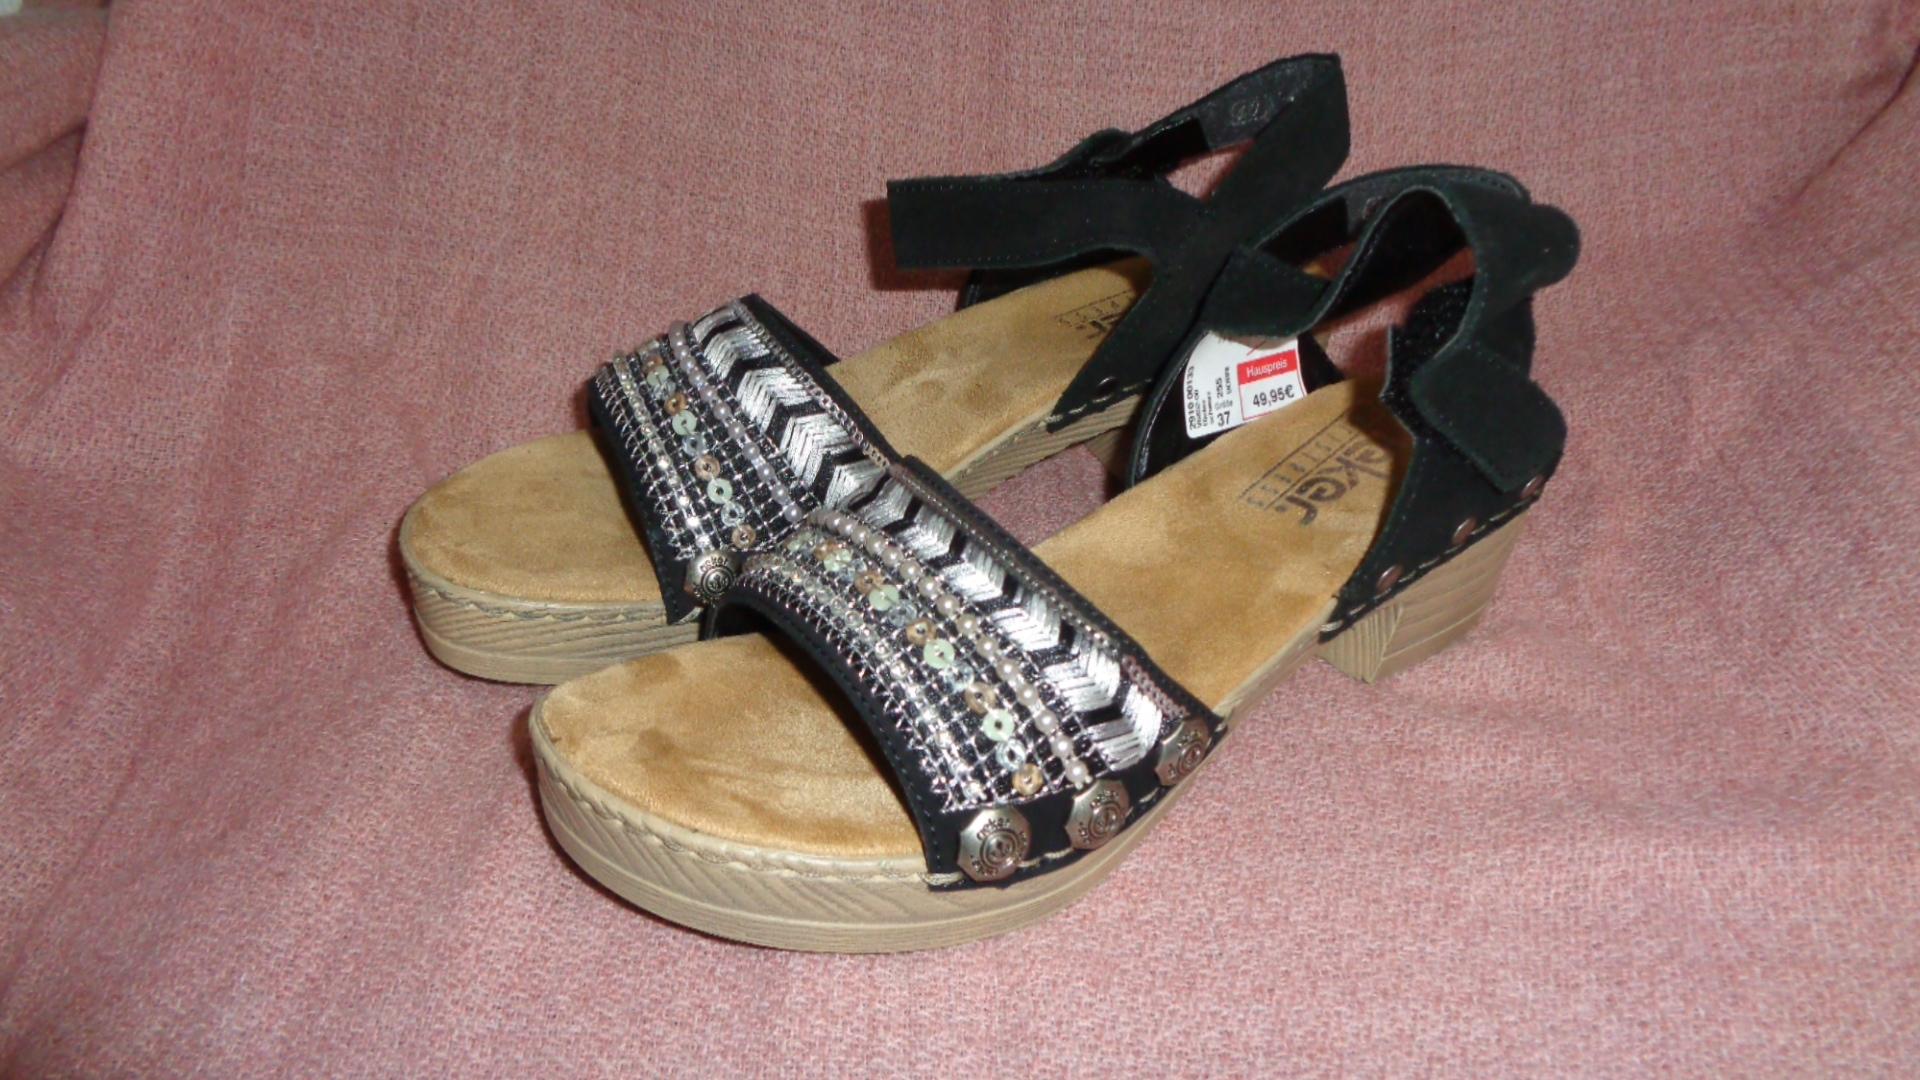 Sandale - Rieker schwarz mit Absatz